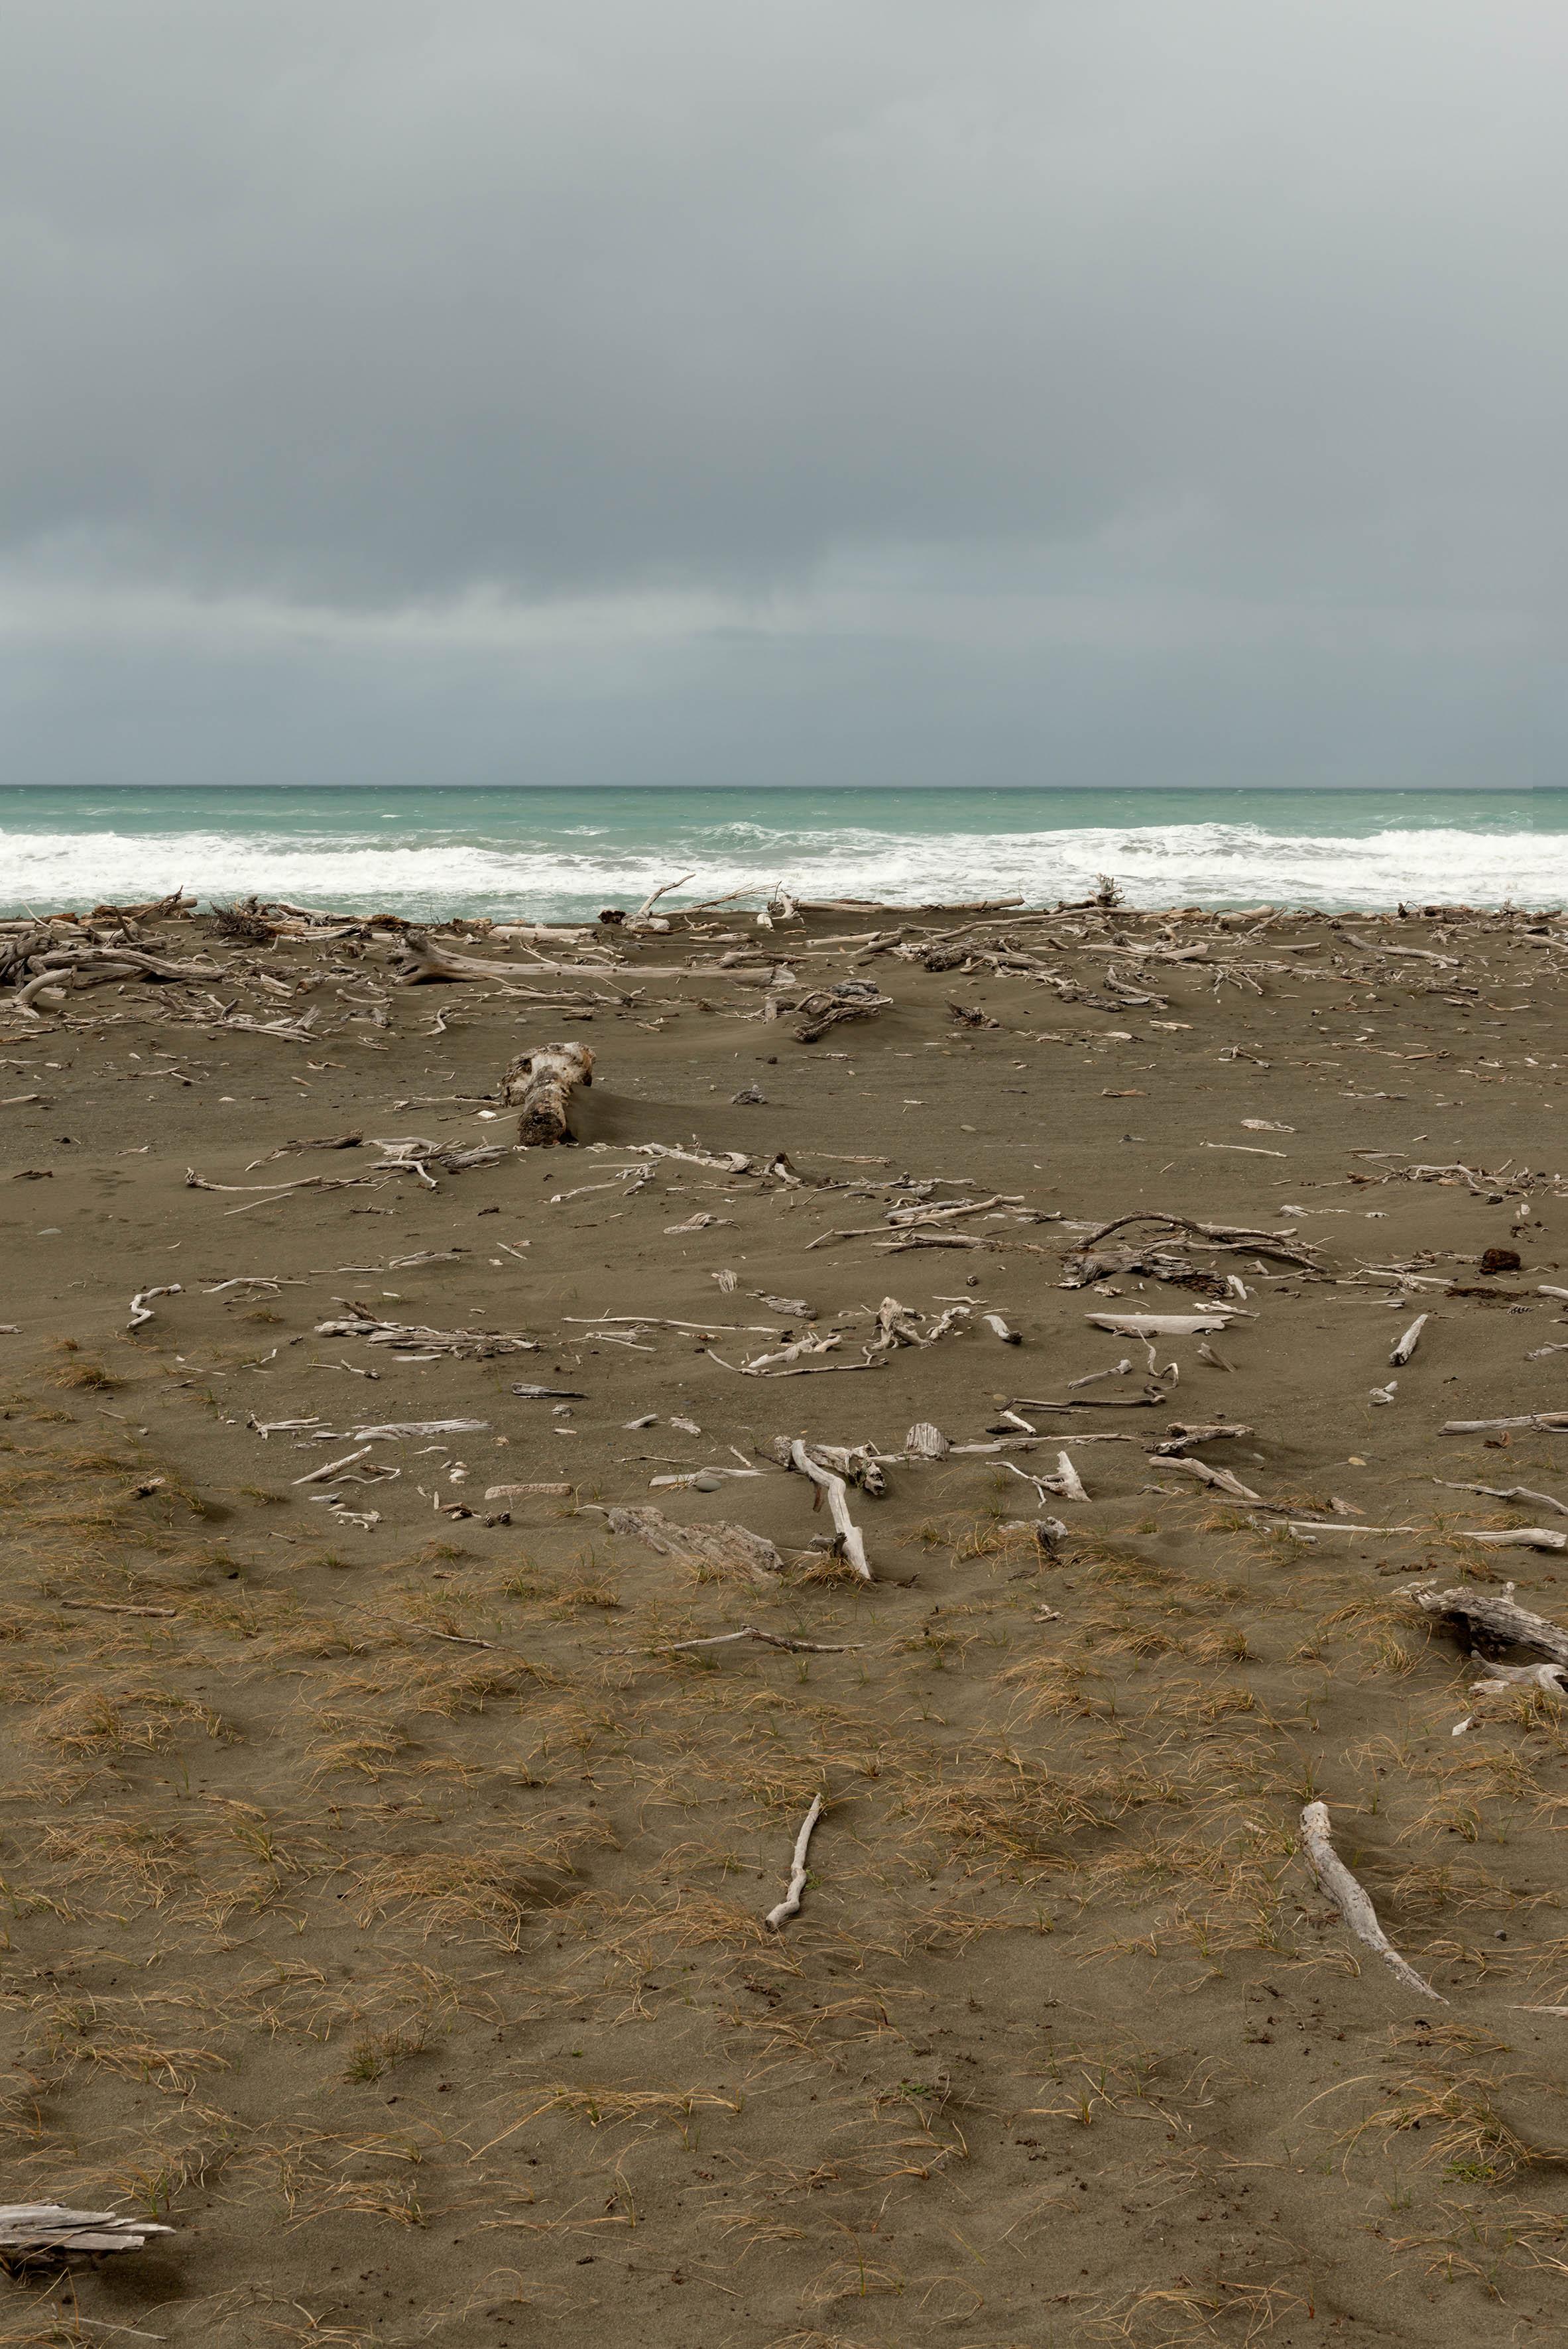 Natalie Robertson, He Wai Mou! He Wai Mau!, Takutai Moana — Rangitukia Hikoi 0–20 (2016–17)   Nikon D800E, Nikon 24–70mm f/2.8 lens, 52mm, 1/125s, f/16, ISO 200